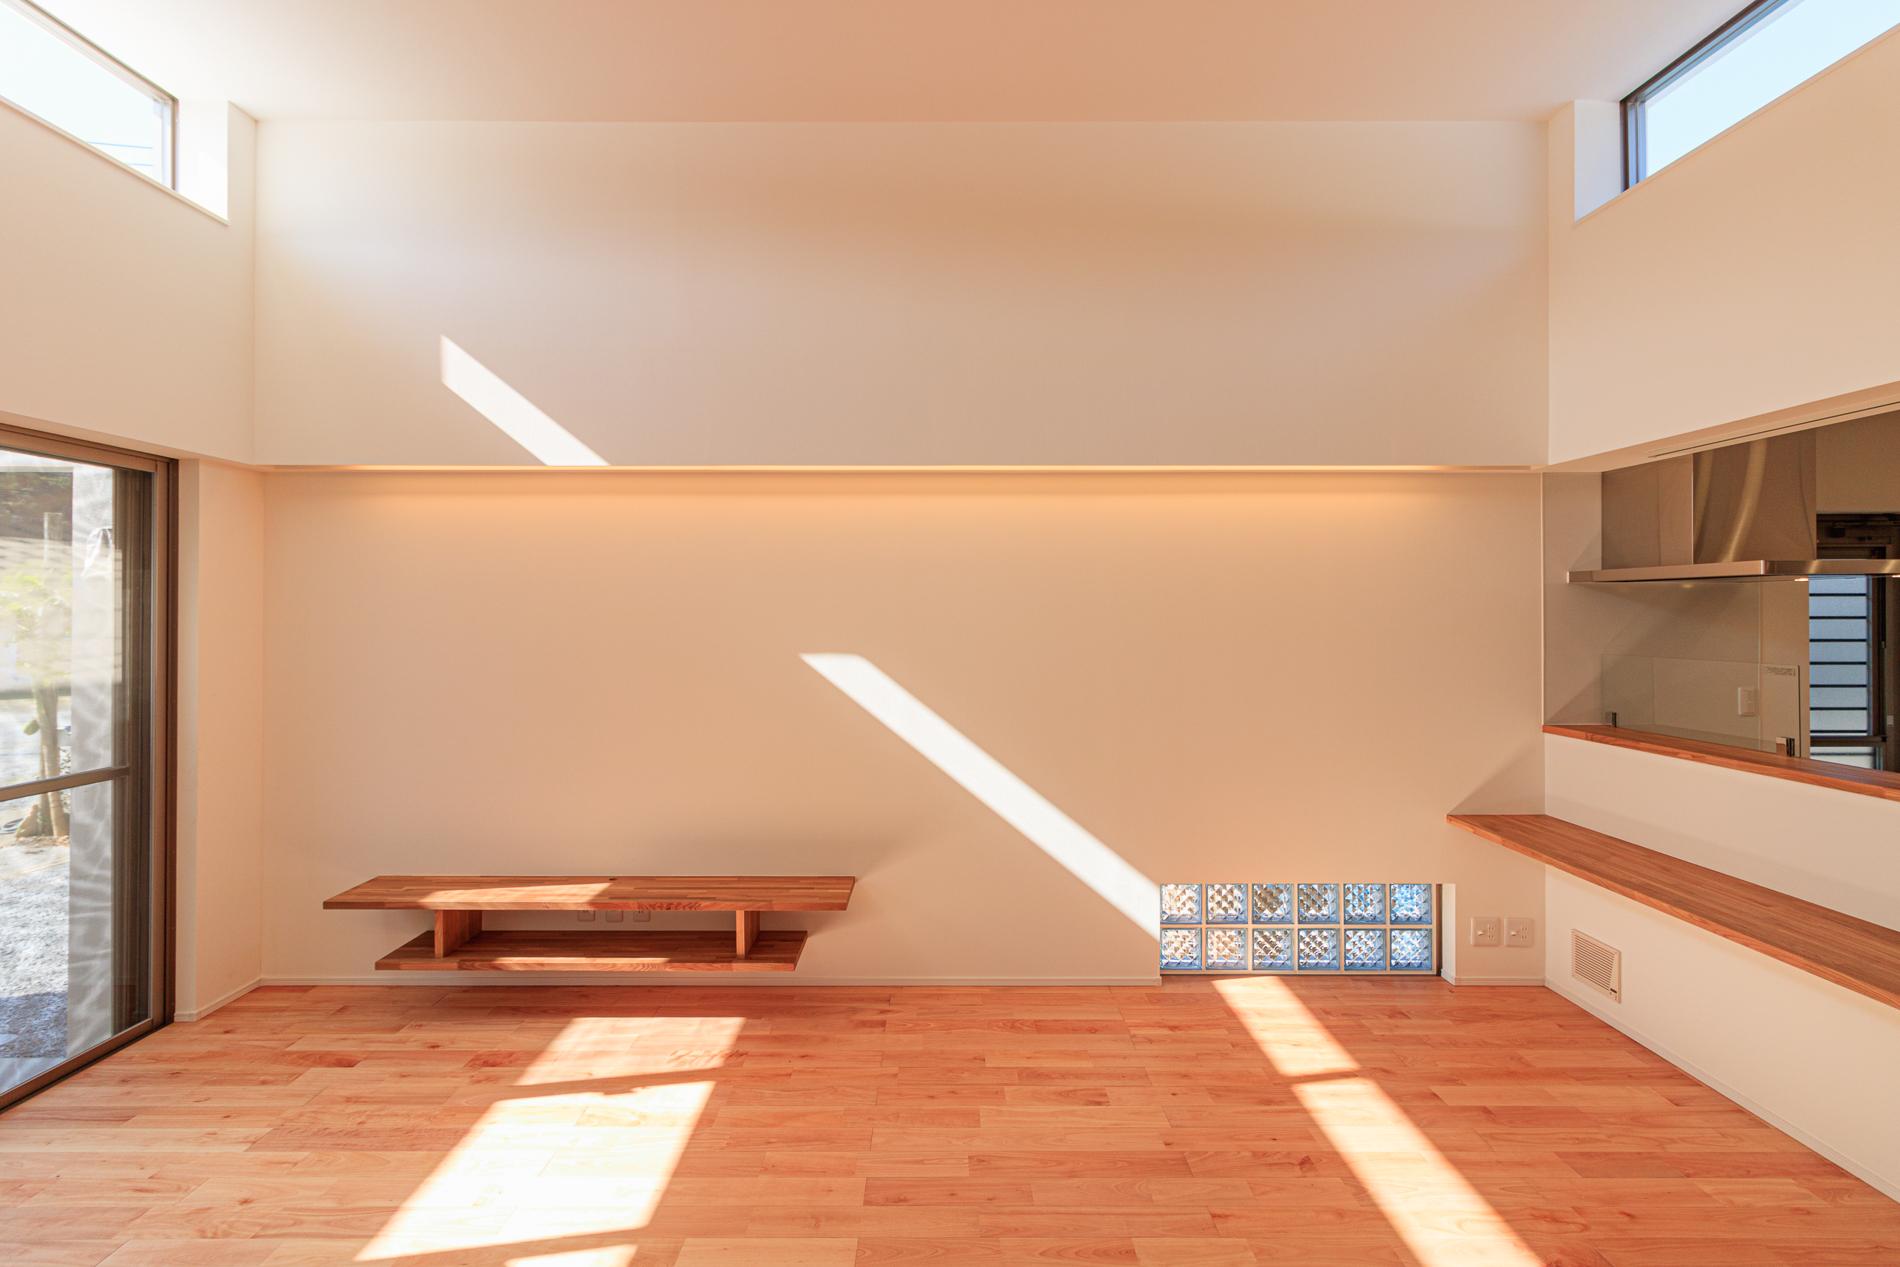 吹き抜けの高窓から光が降り注ぐ明るいLDKの子育てハウス